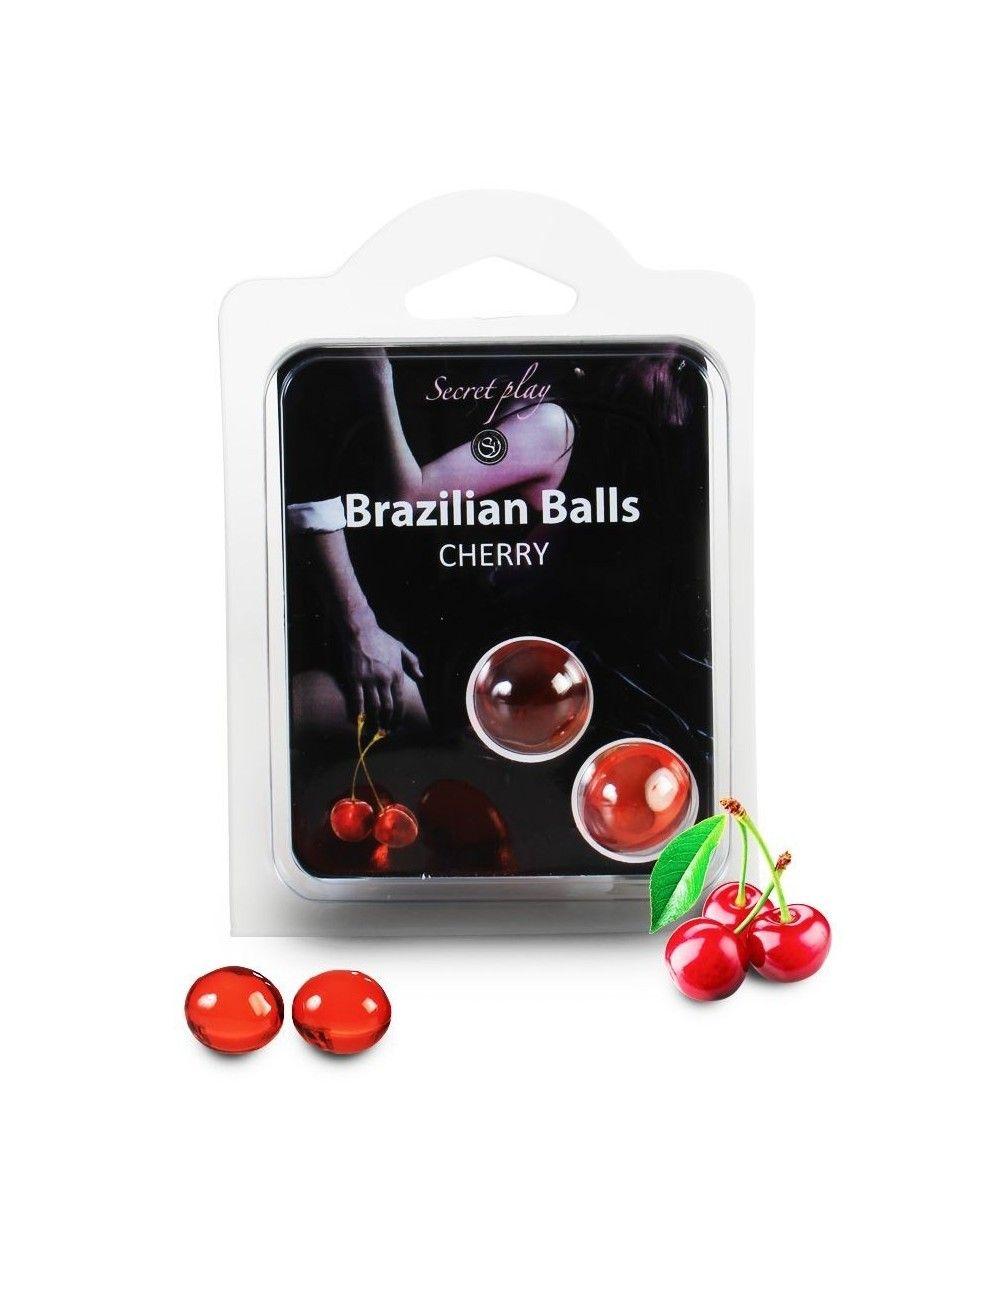 2 boules brésiliennes Cerise BRAZILIAN BALLS